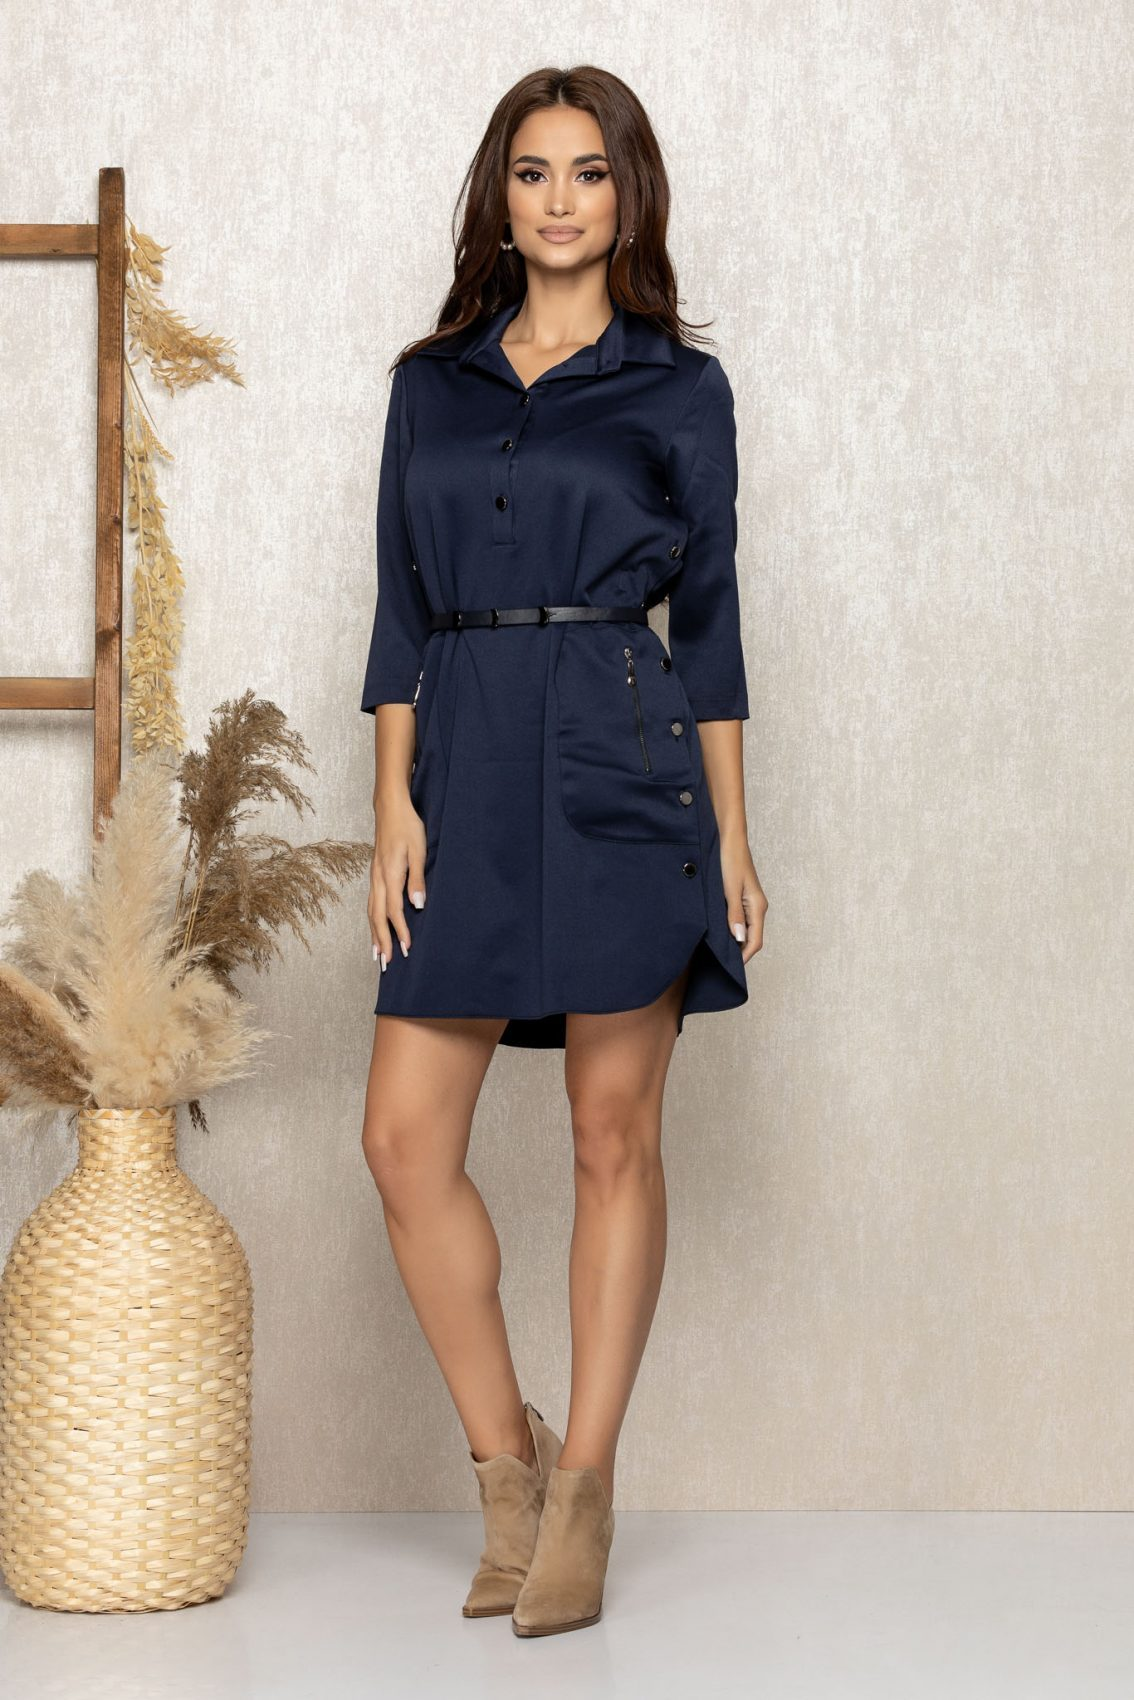 Μπλε Φόρεμα Με Κουμπιά Kenzy 9243 1